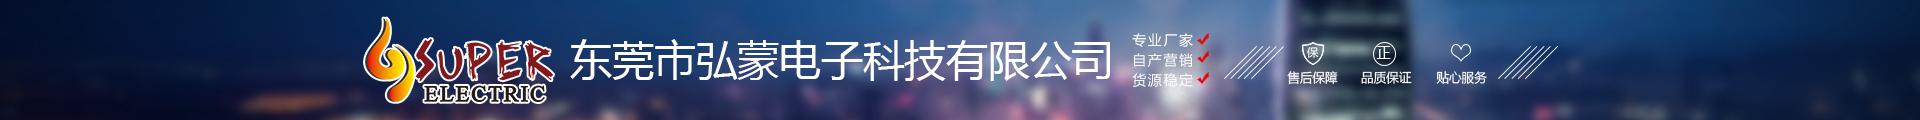 東莞市弘蒙電子科技有限公司